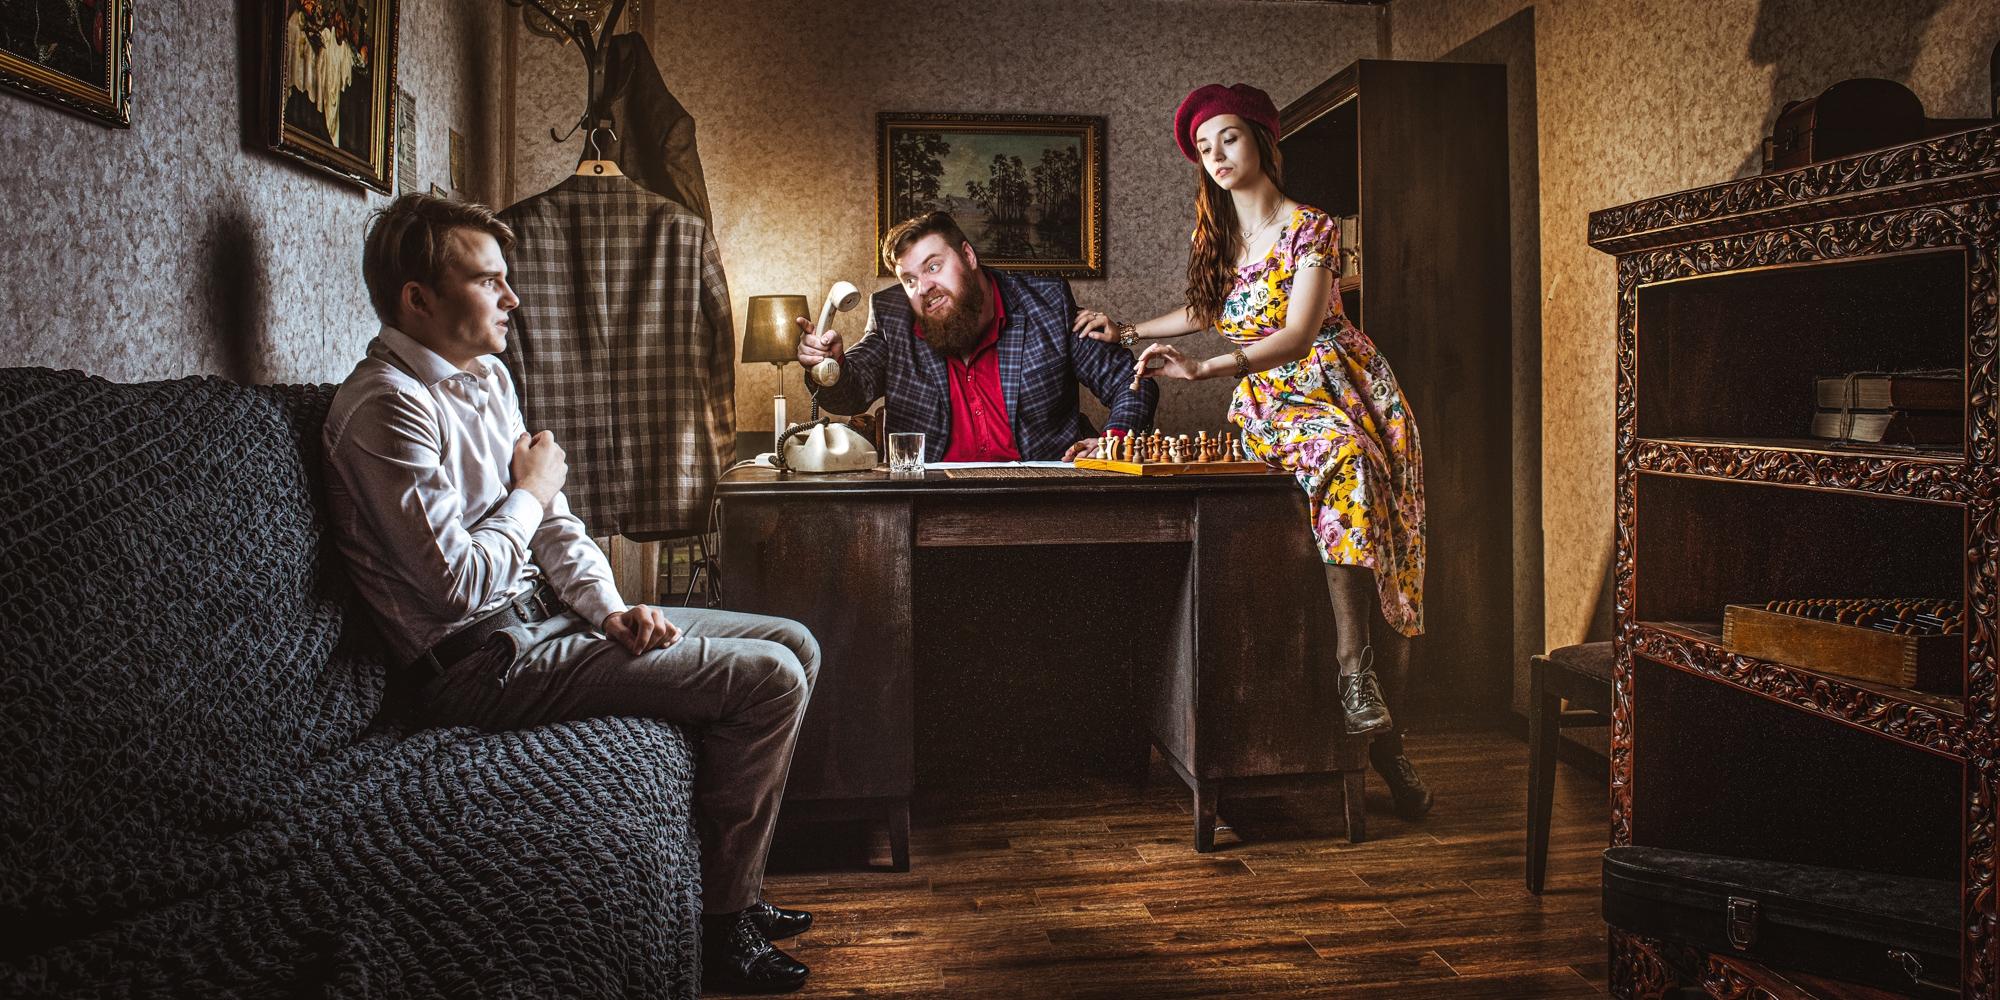 Квест с актерами в Москве Катарсис: Театр начинается с преступления